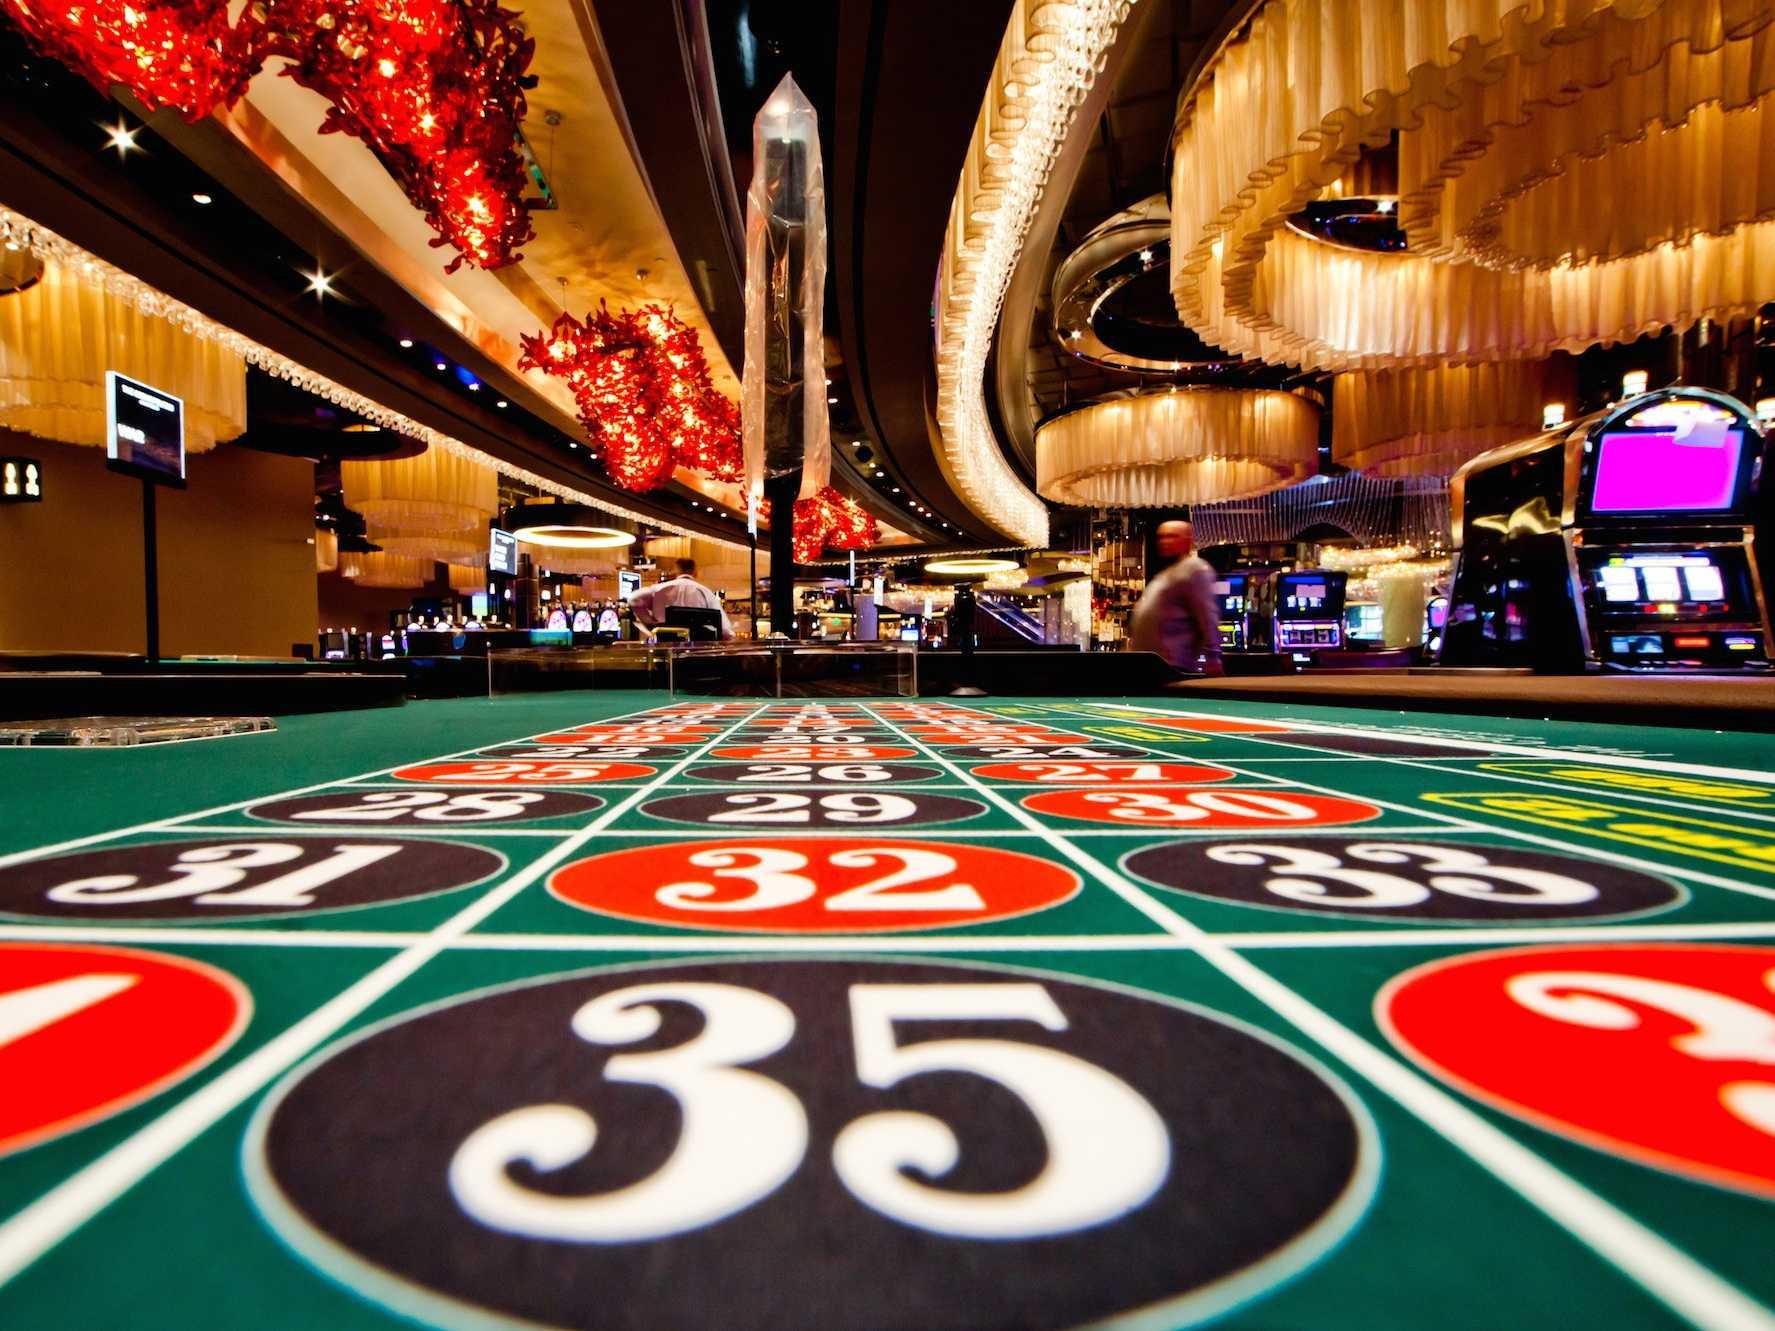 Jeux casino, l'utilité du mode fun